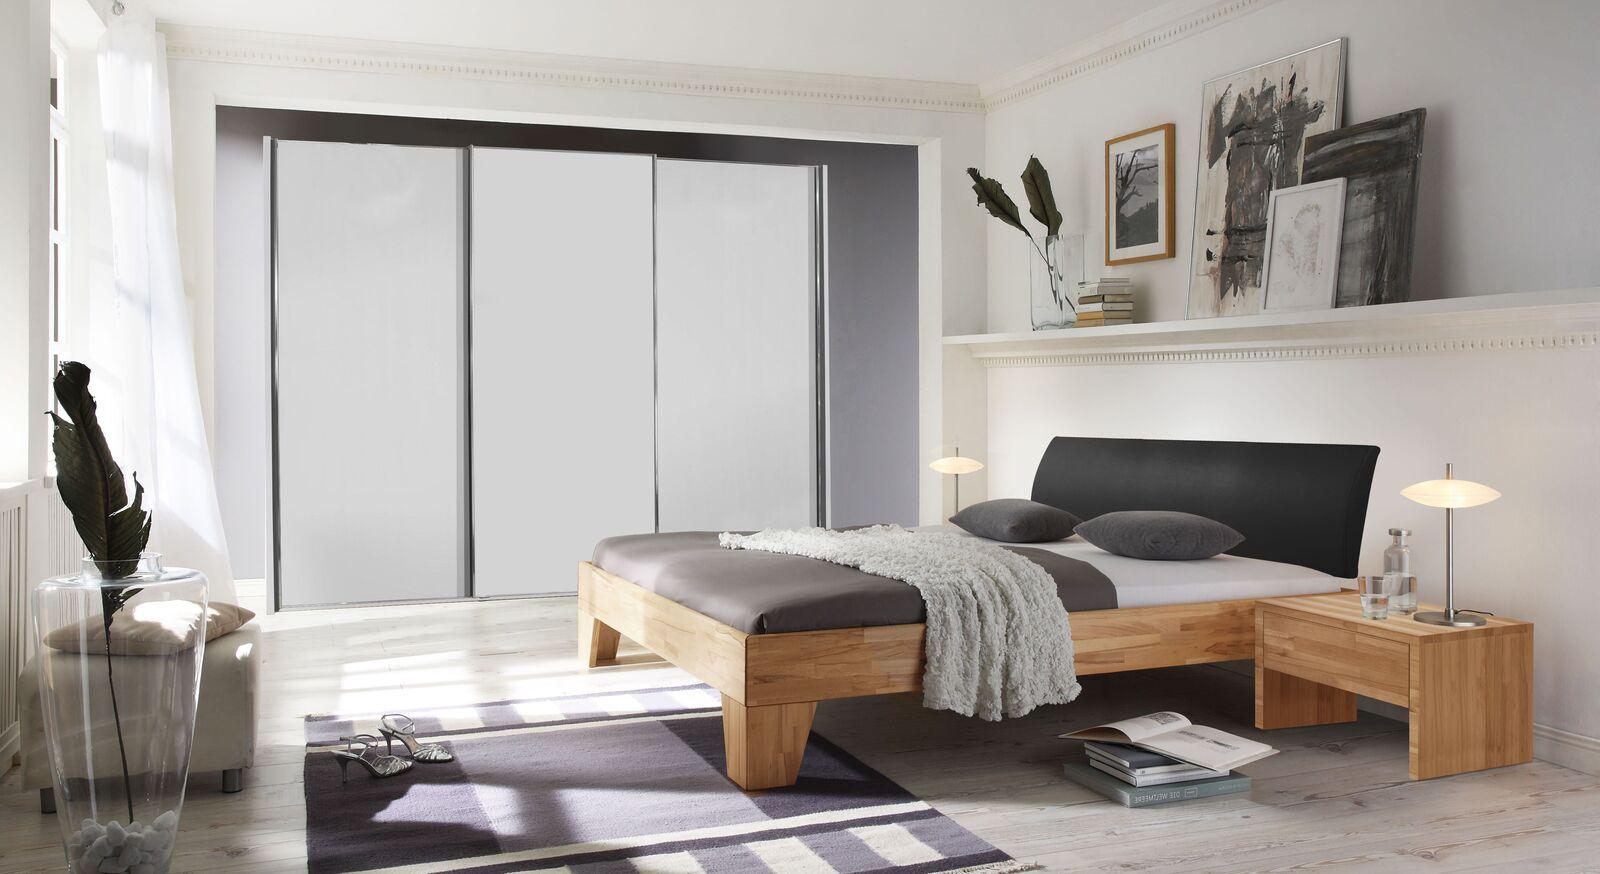 Bett Treyve mit passenden Schlafzimmermöbeln